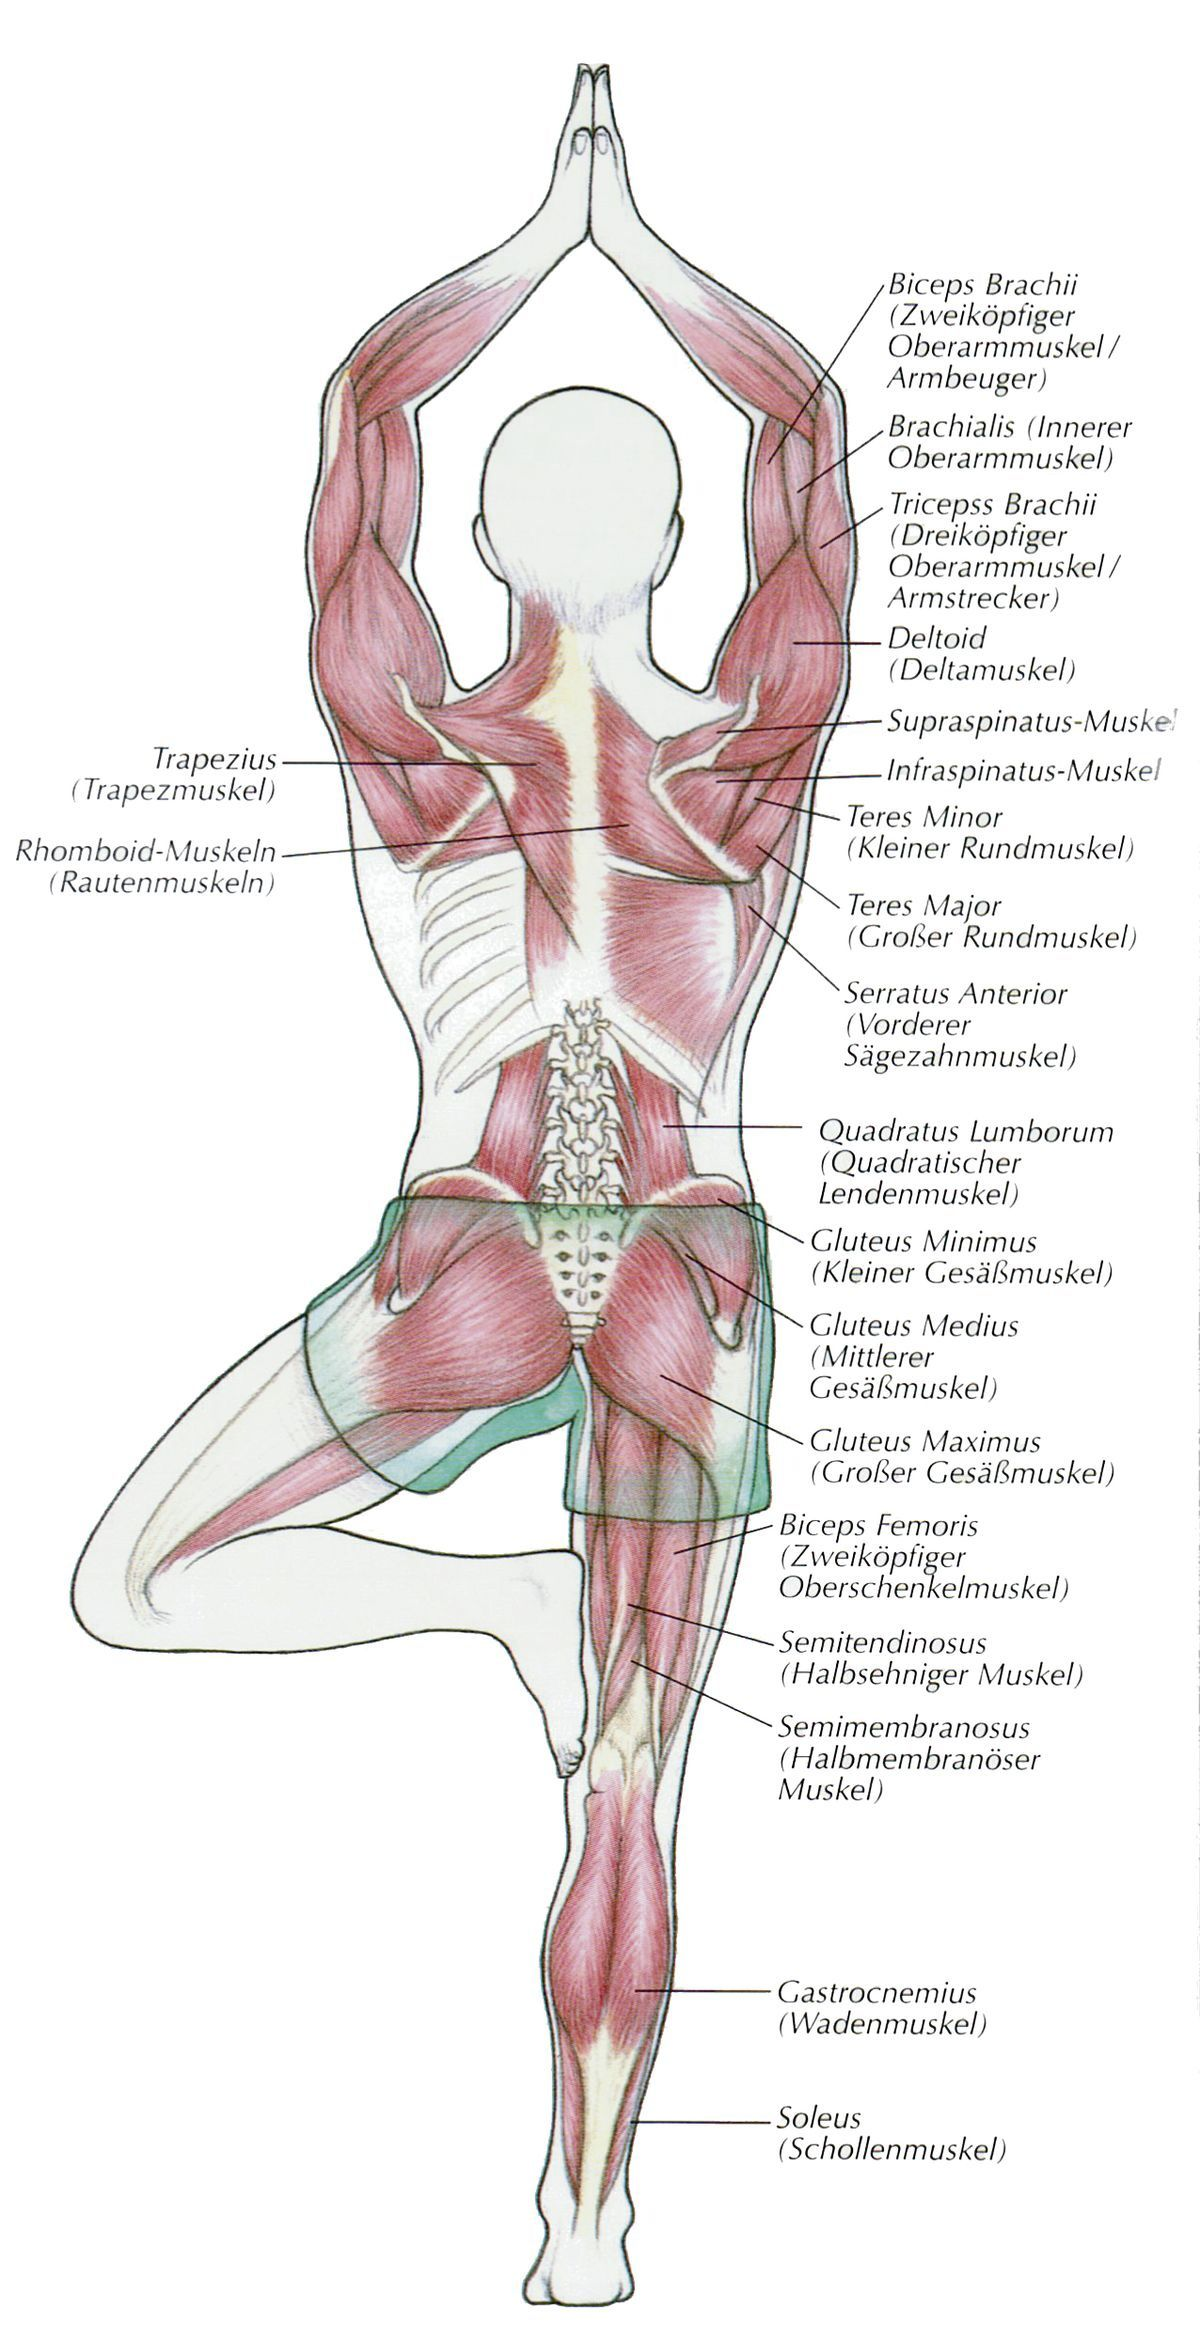 ૐ YOGA ૐ Vrkasana - El Árbol ૐ Yoga positions | Anatomia ...